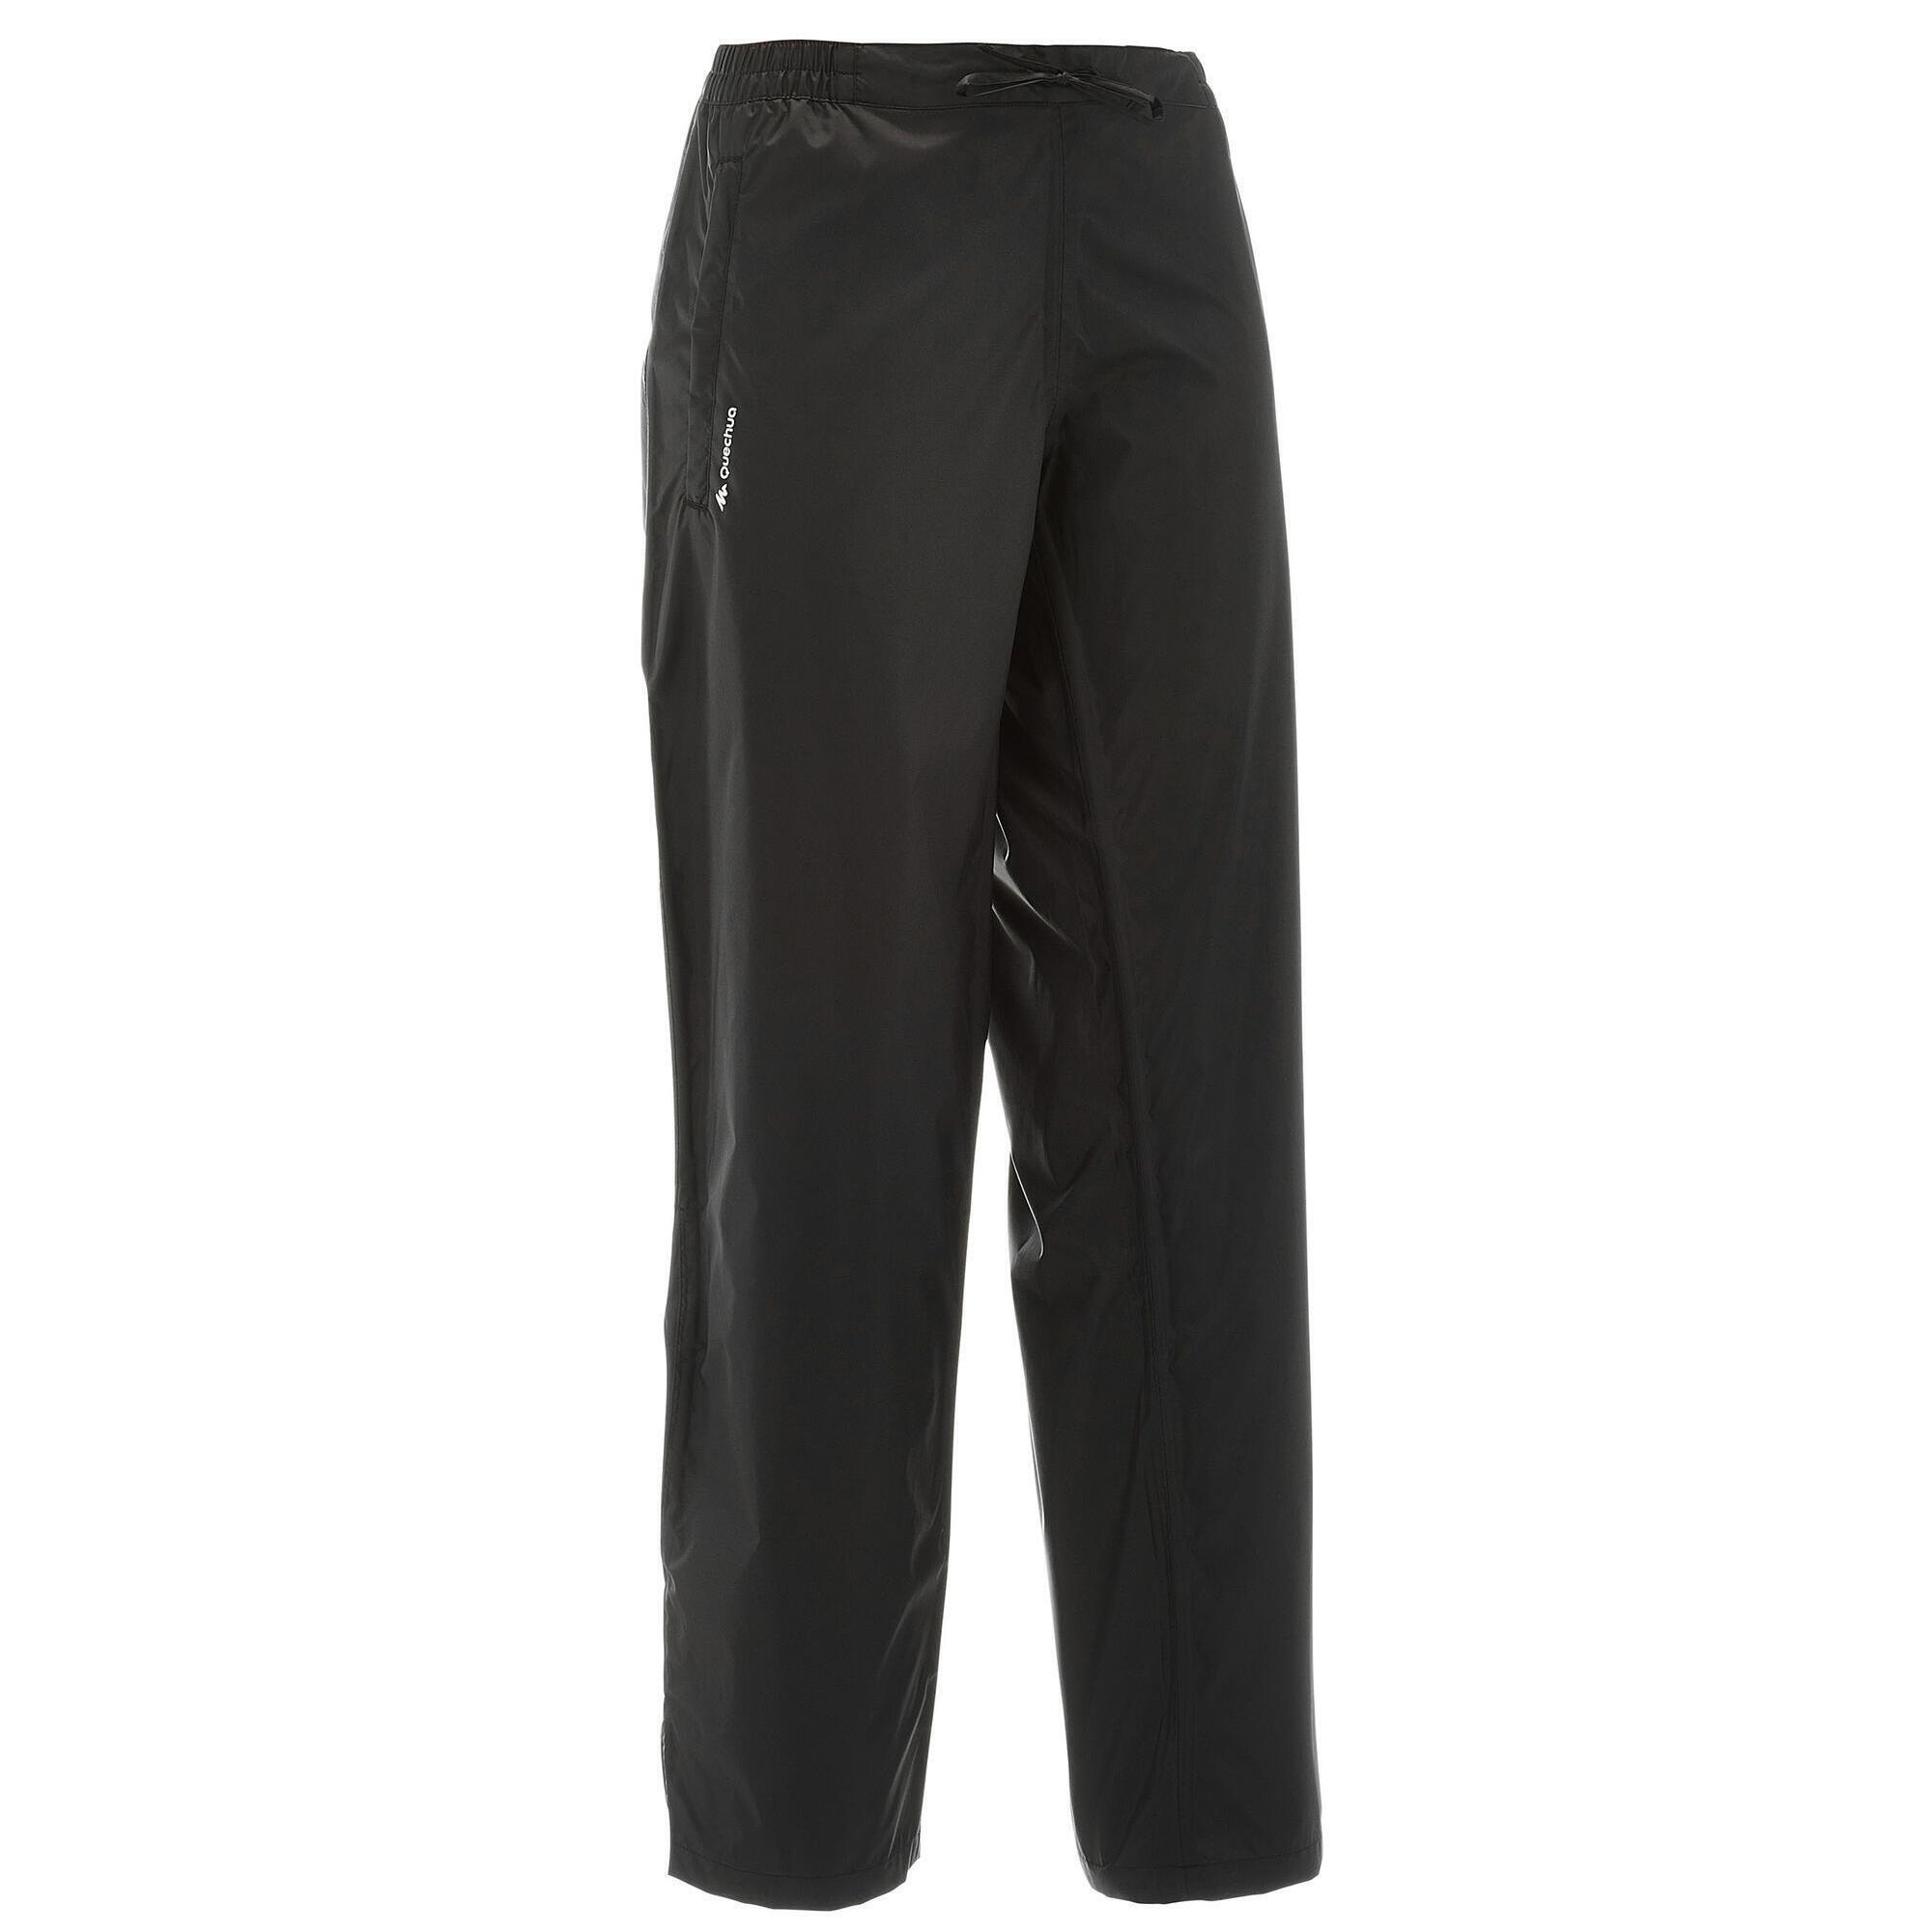 Noir Pantalon Sur Nature Femme Imperméable Nh500 Protect Randonnée OZTkiuXwP